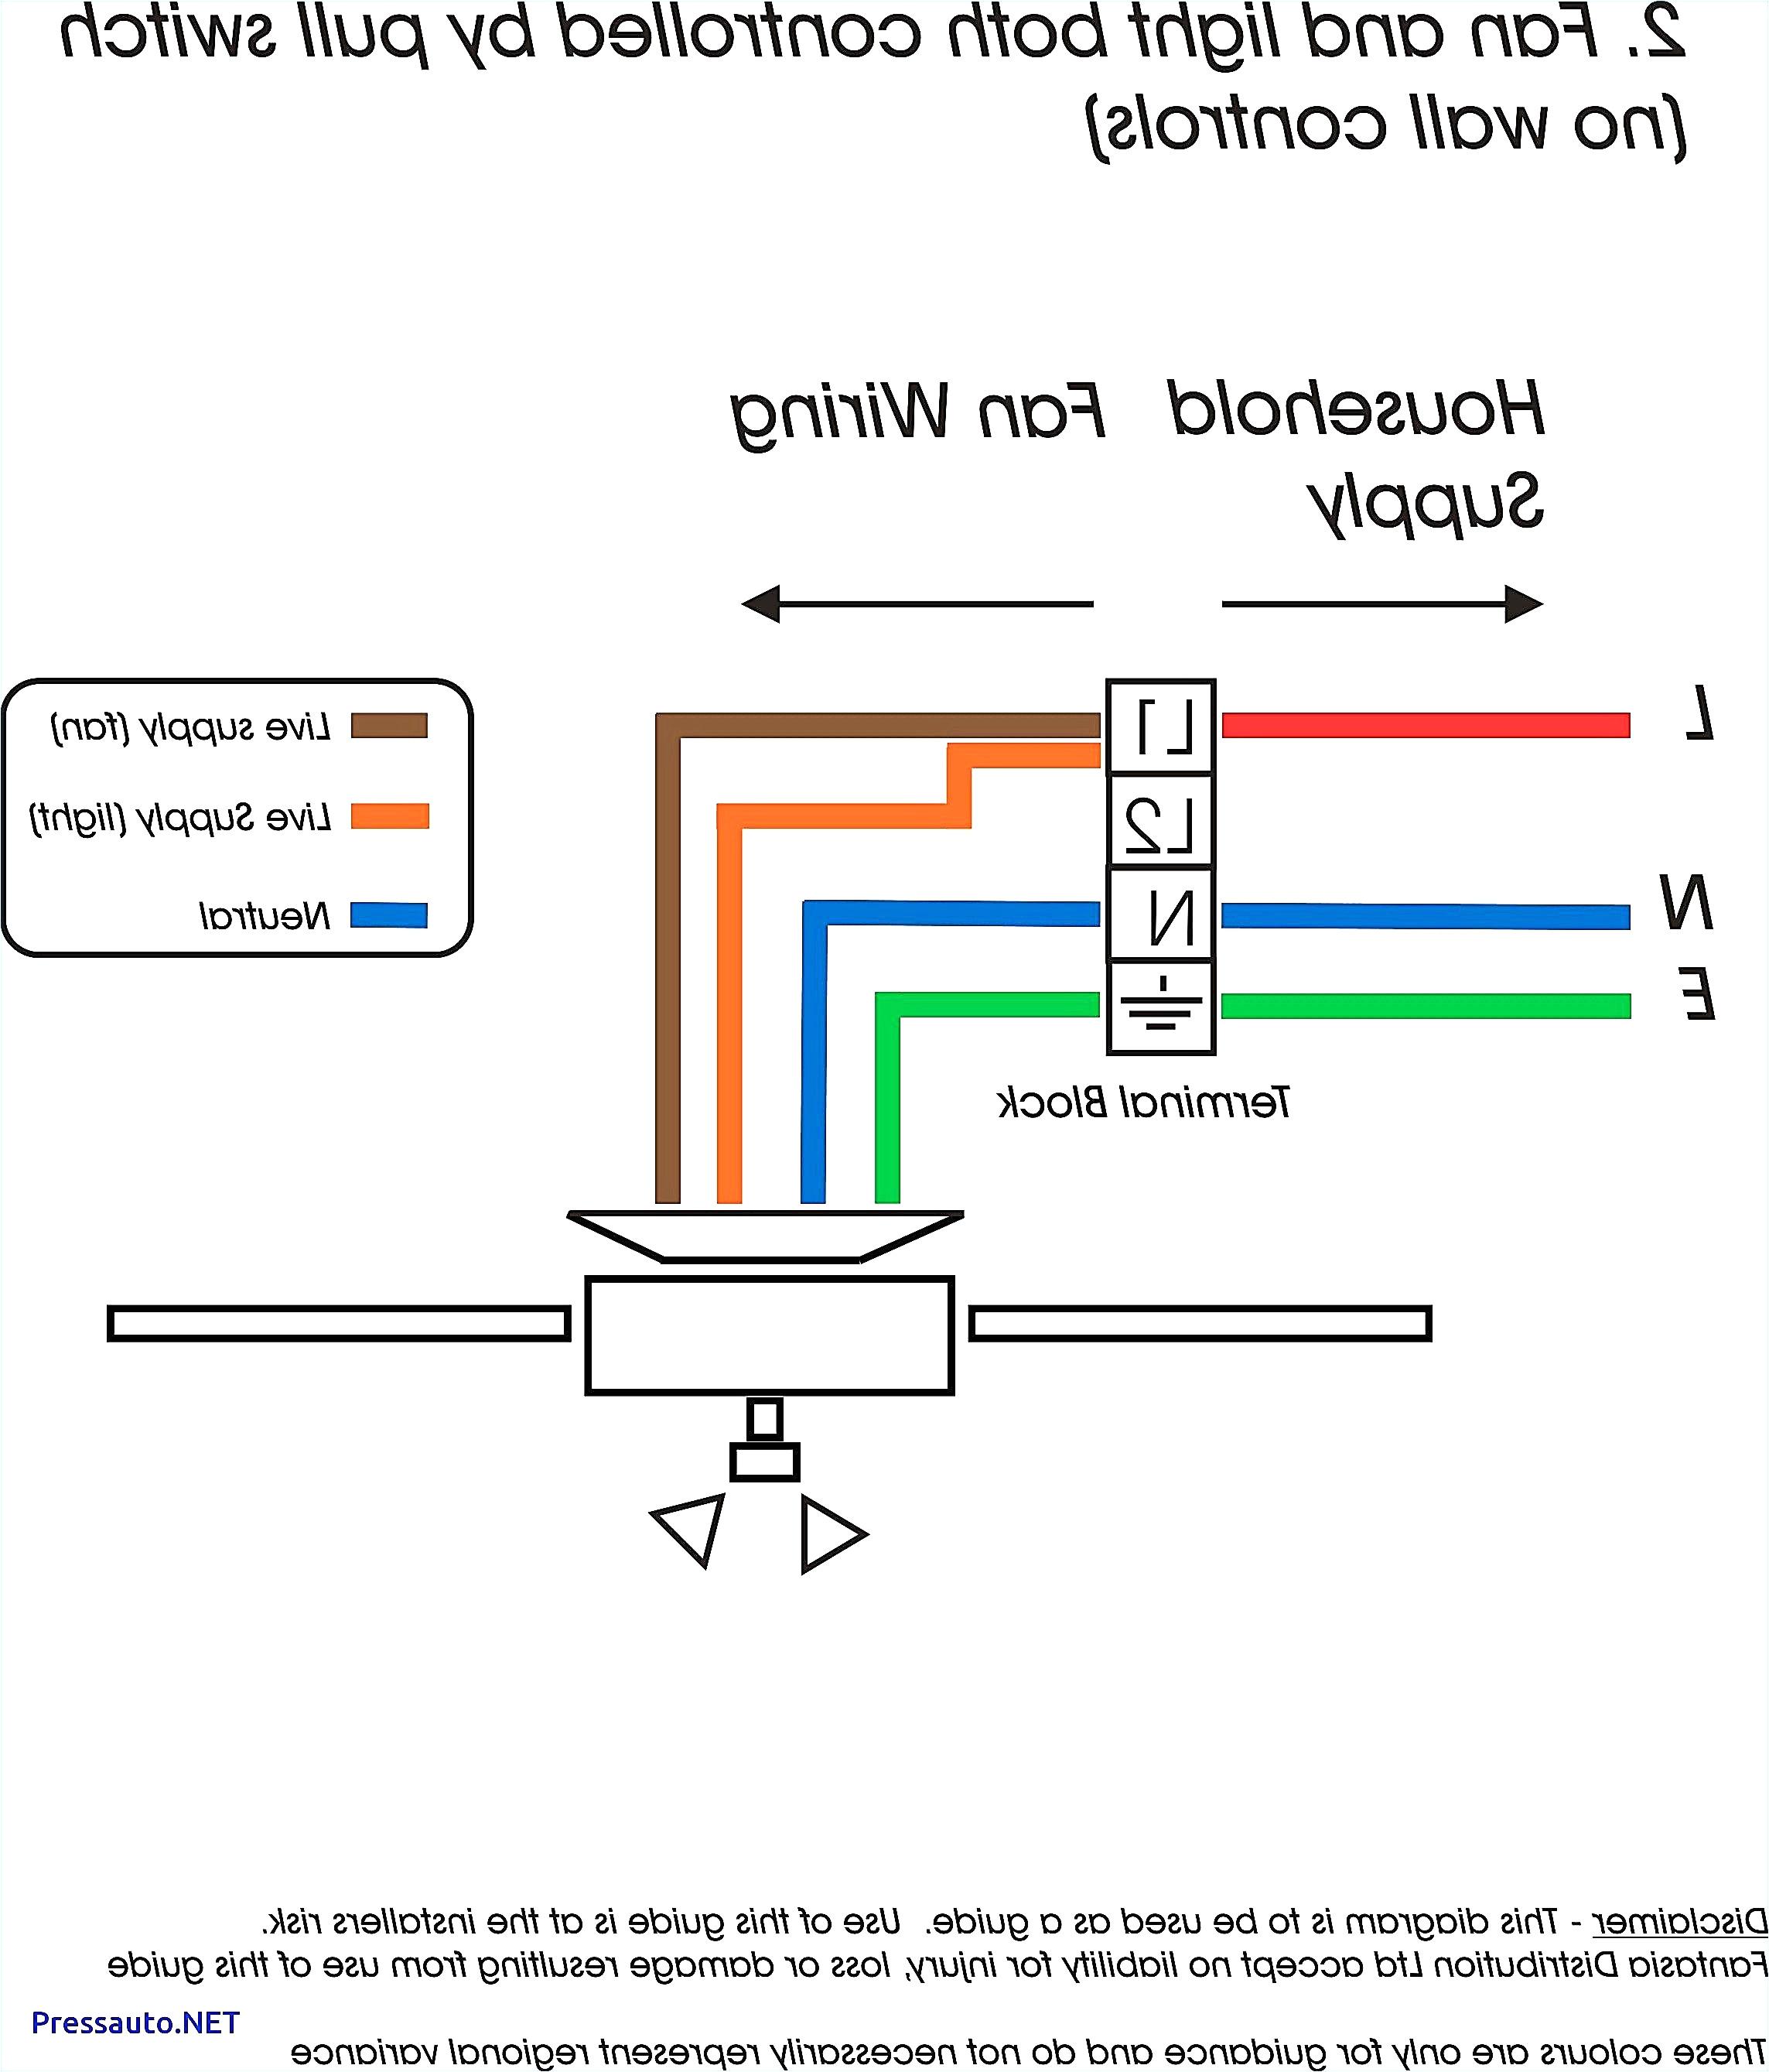 modine garage heater elegant recent dayton gas furnace wiring diagram edmyedguide24 of modine garage heater jpg